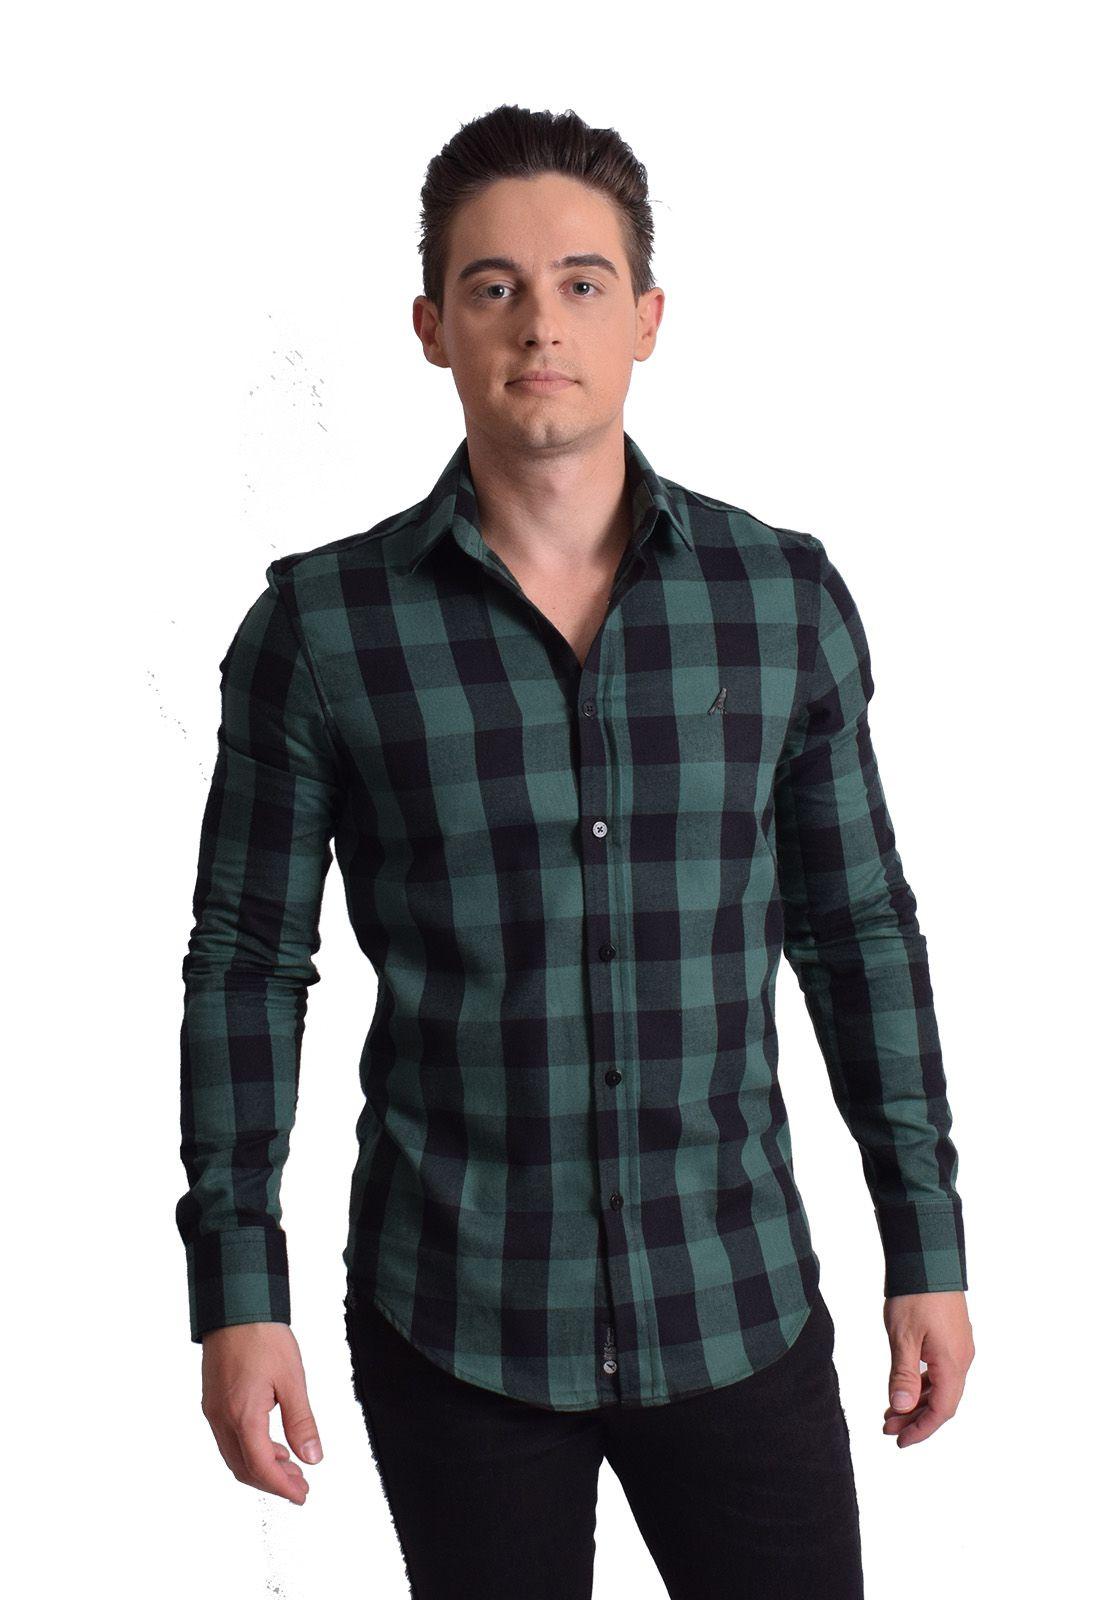 100704 - Camisa Social Masculina Slim Xadrez Verde - LEVOK